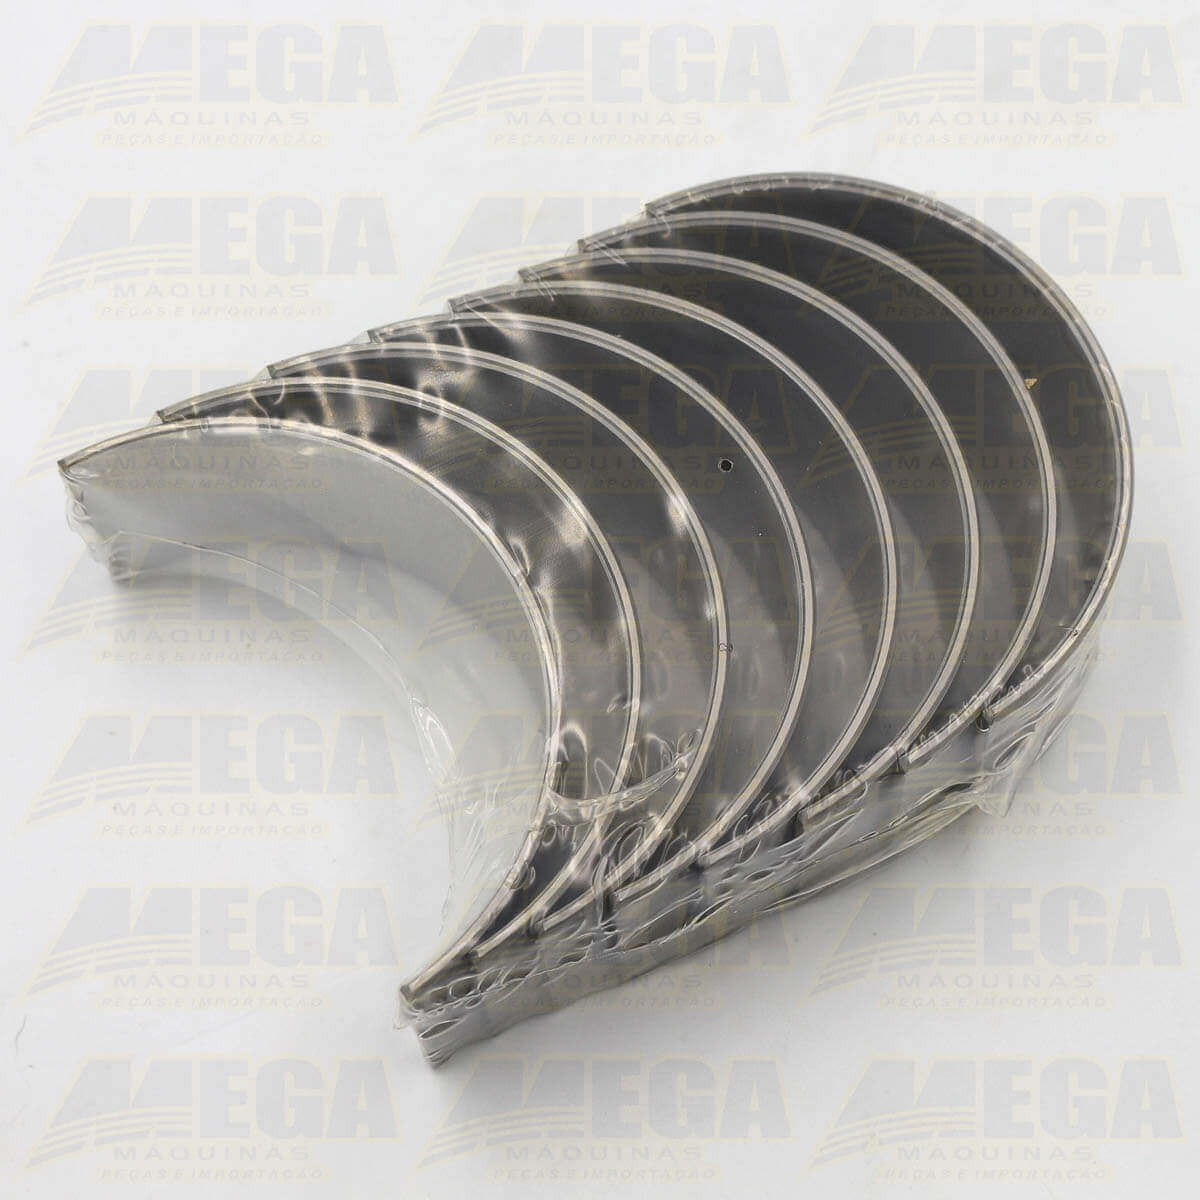 Kit de Bronzinas de Biela - 320/09205